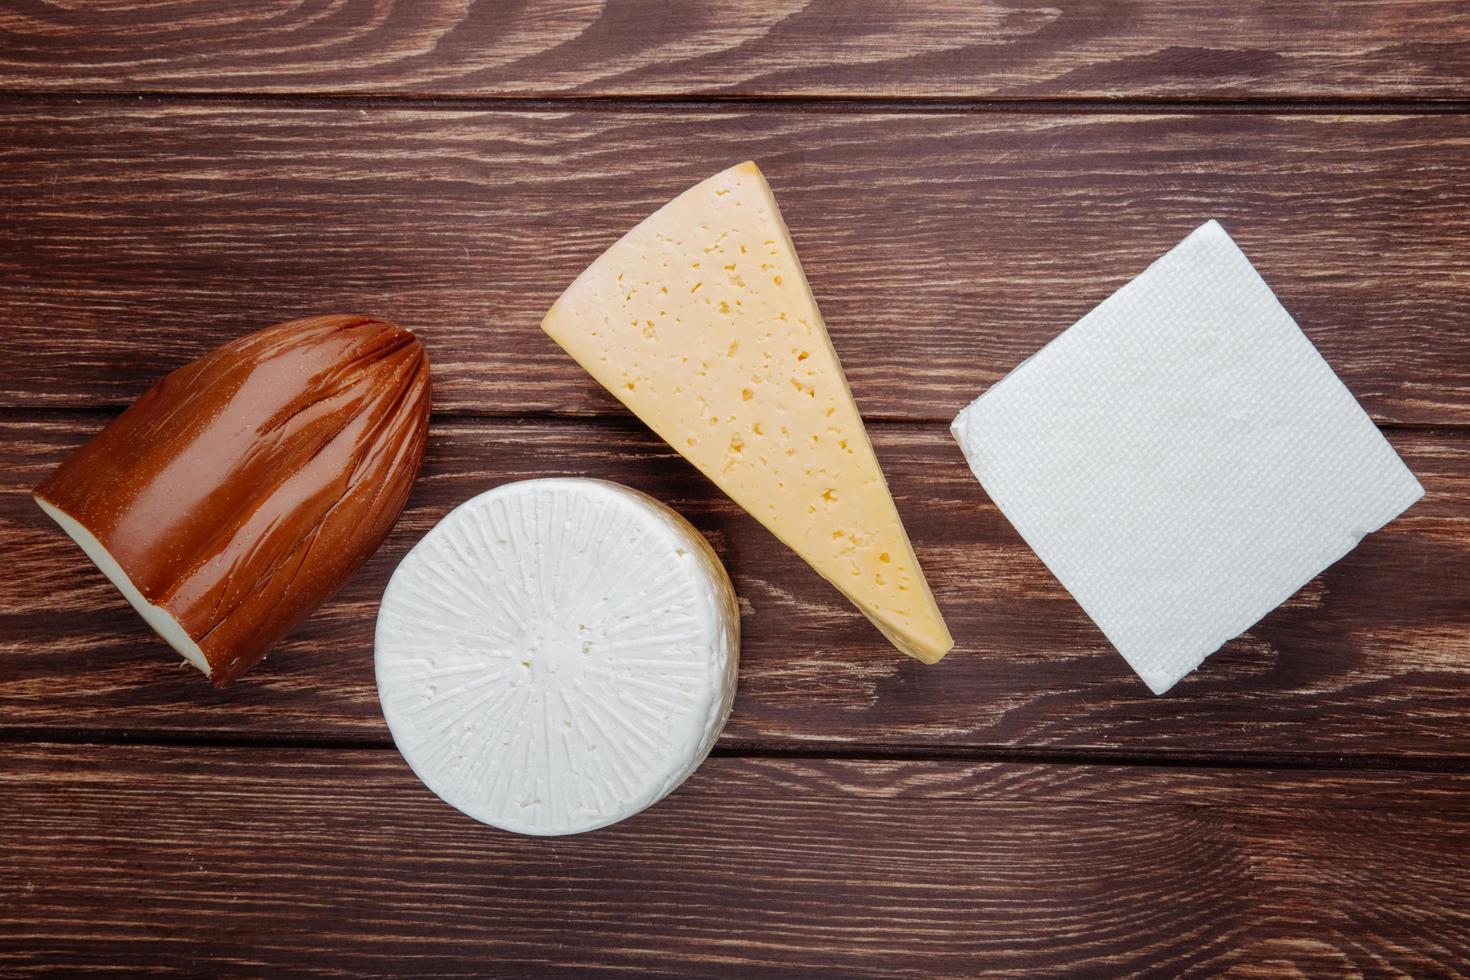 vista dall'alto di diversi tipi di formaggi su fondo di legno rustico foto